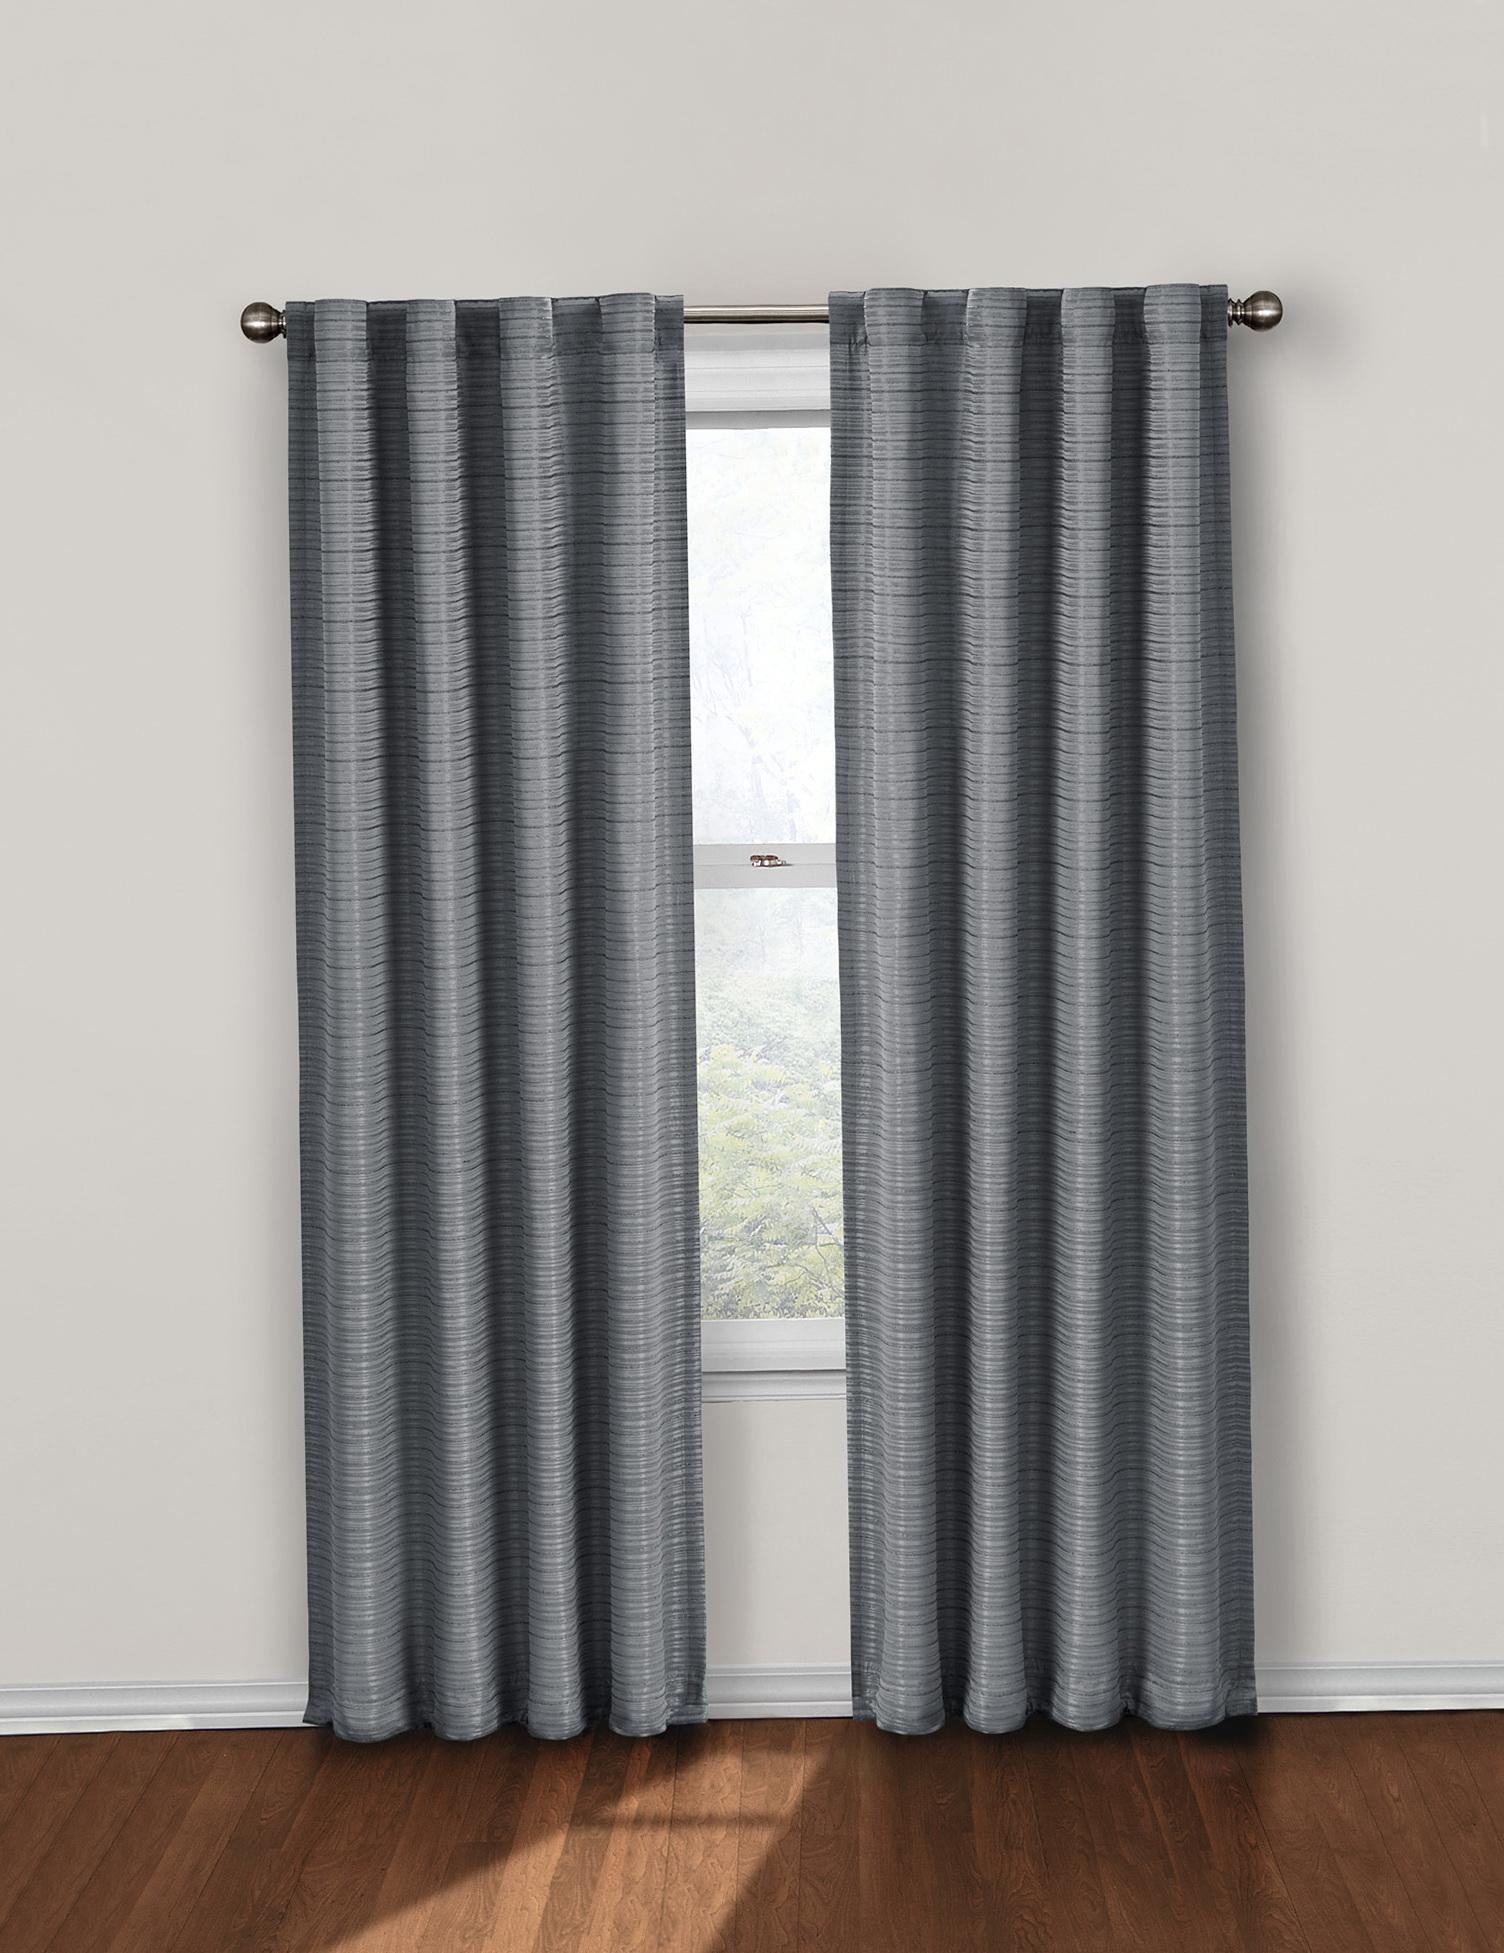 Sound Blocking Curtains Walmart Home Design Ideas